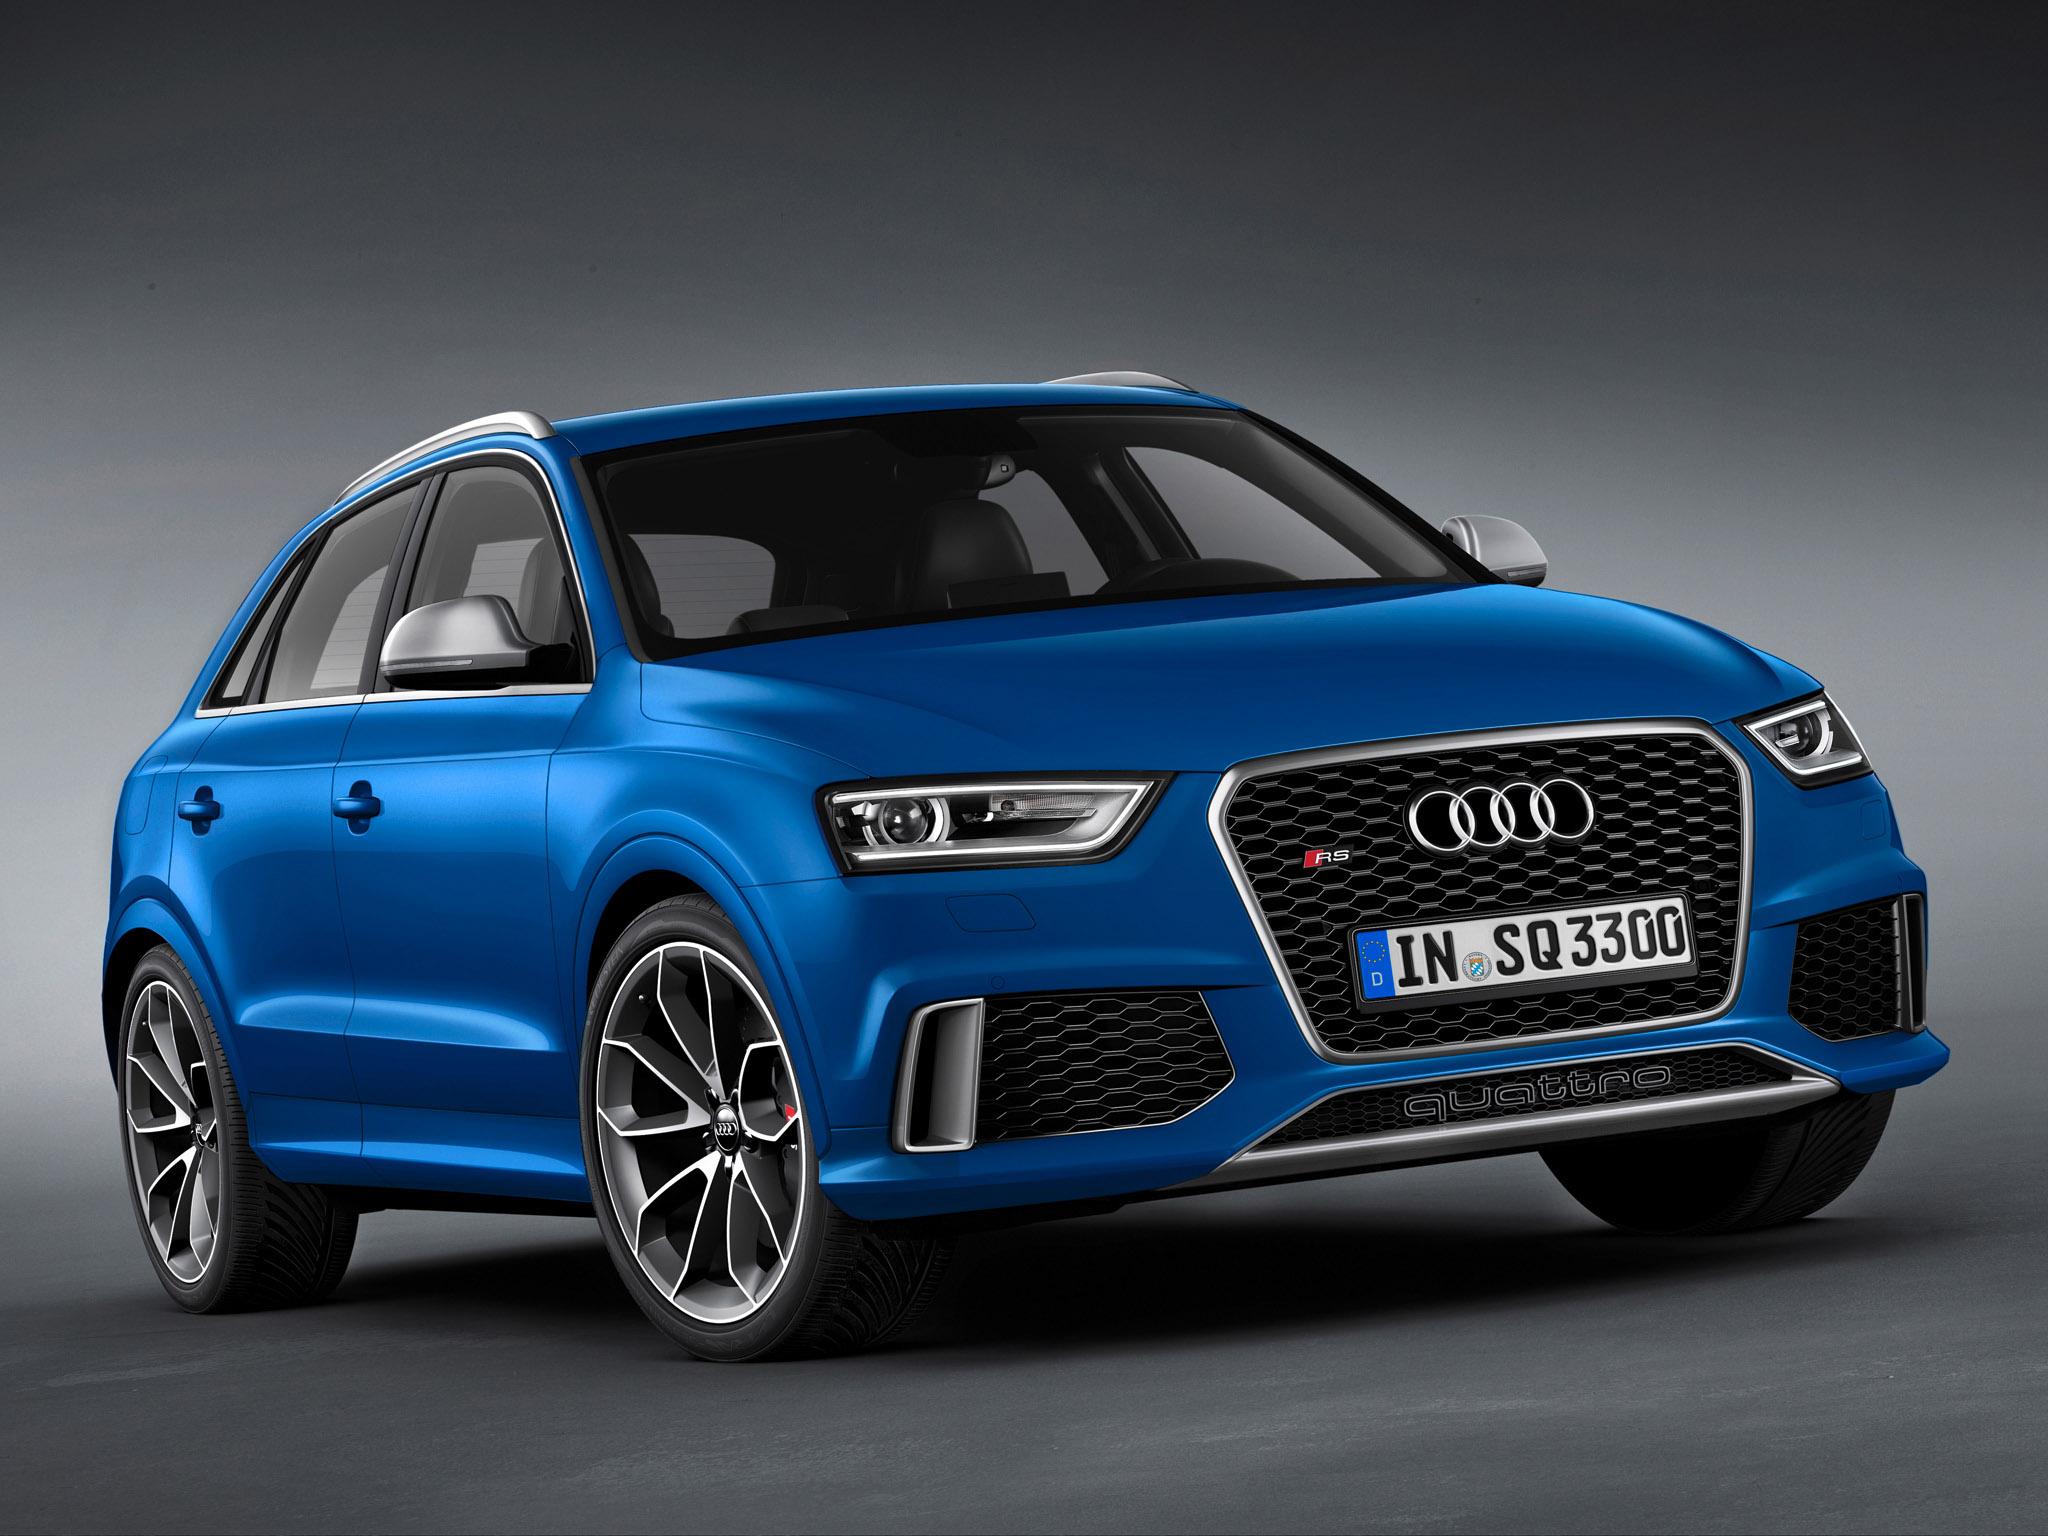 2014 Audi RS Q3 - HD Pictures @ carsinvasion.com